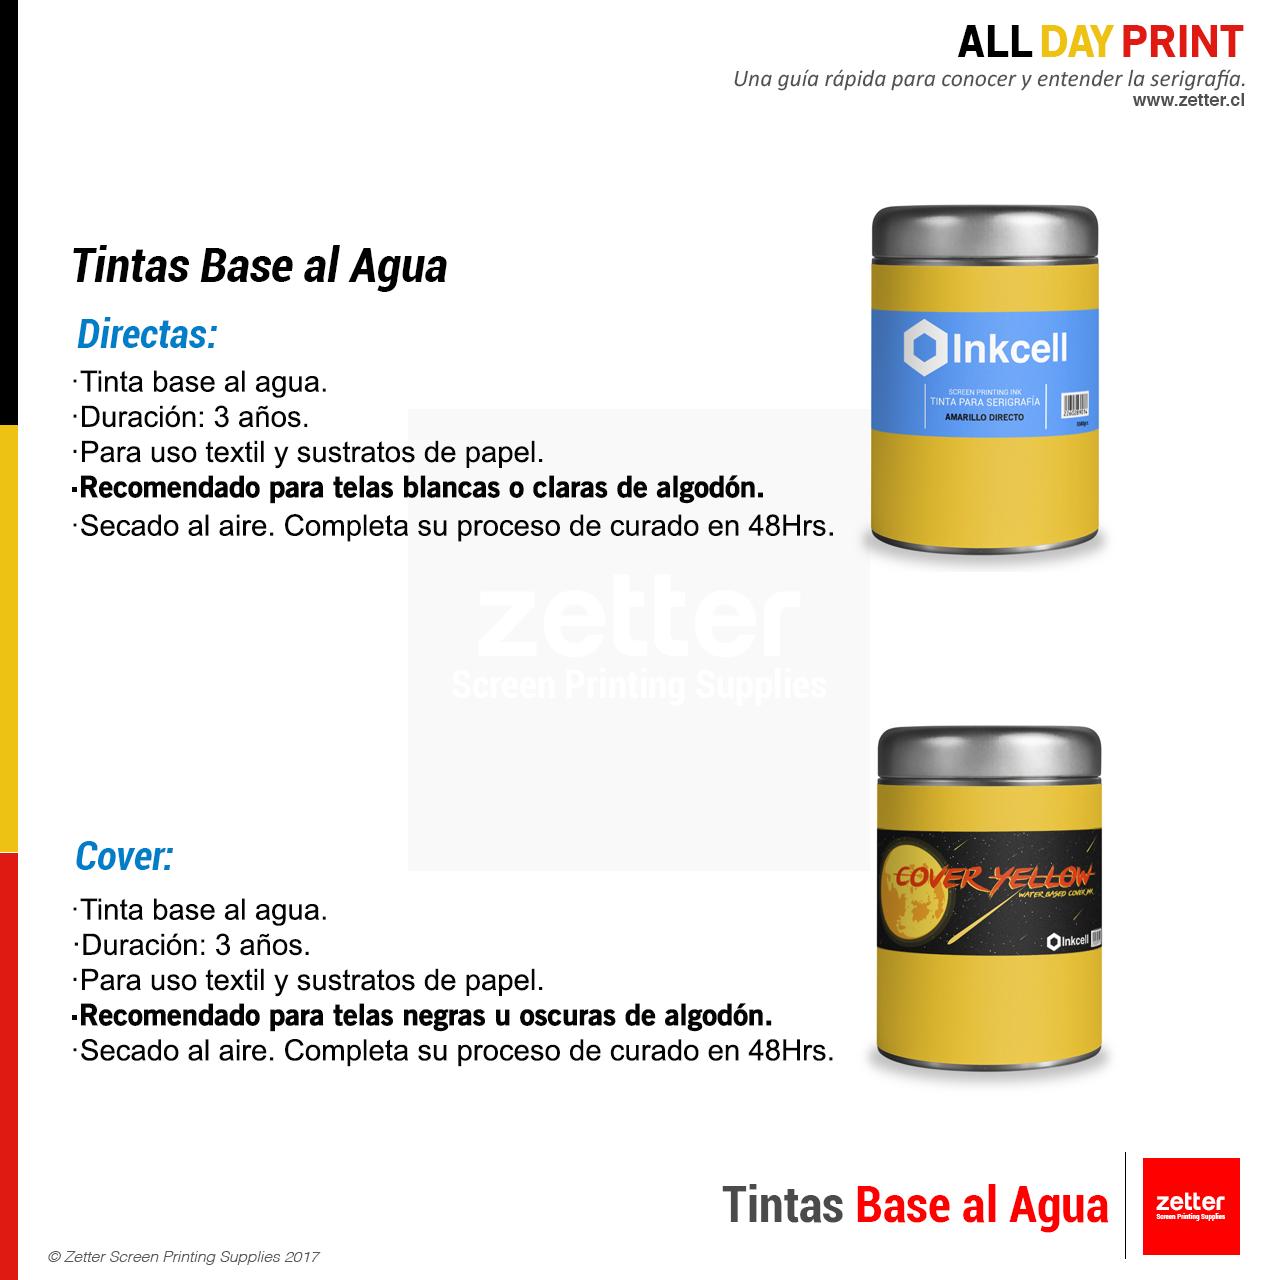 Tintas Base al Agua Directa / Cover